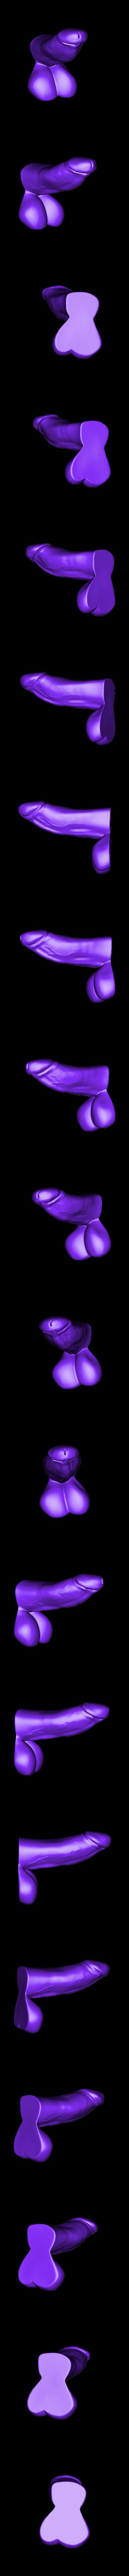 UMesh_Cock12020_(2)1_2_SubTool7.stl Download STL file dicks,cocks,penises,dildos,diferent desings with balls. • 3D printer model, gaaraa